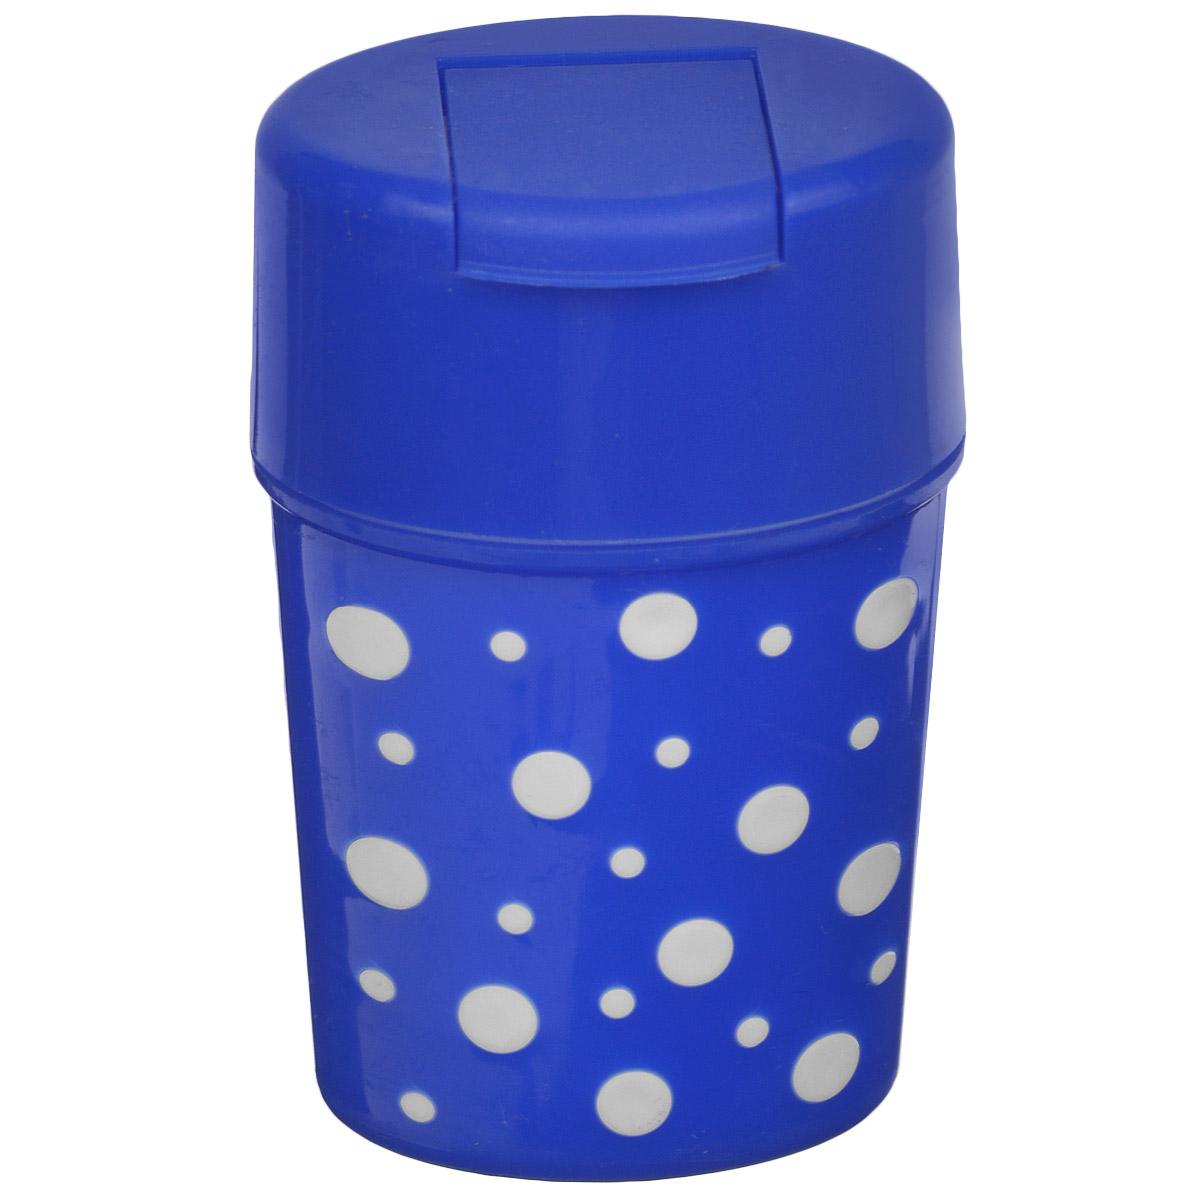 Солонка Альтернатива Горошек, цвет: синий, белый, 5,5 х 4,5 х 8 смM3814Солонка Альтернатива Горошек изготовлена из пластика. Она легка в использовании, стоит только открыть крышку, и вы с легкостью сможете посолить по своему вкусу любое блюдо. Солонка такого дизайна будет отлично смотреться на вашей кухне.